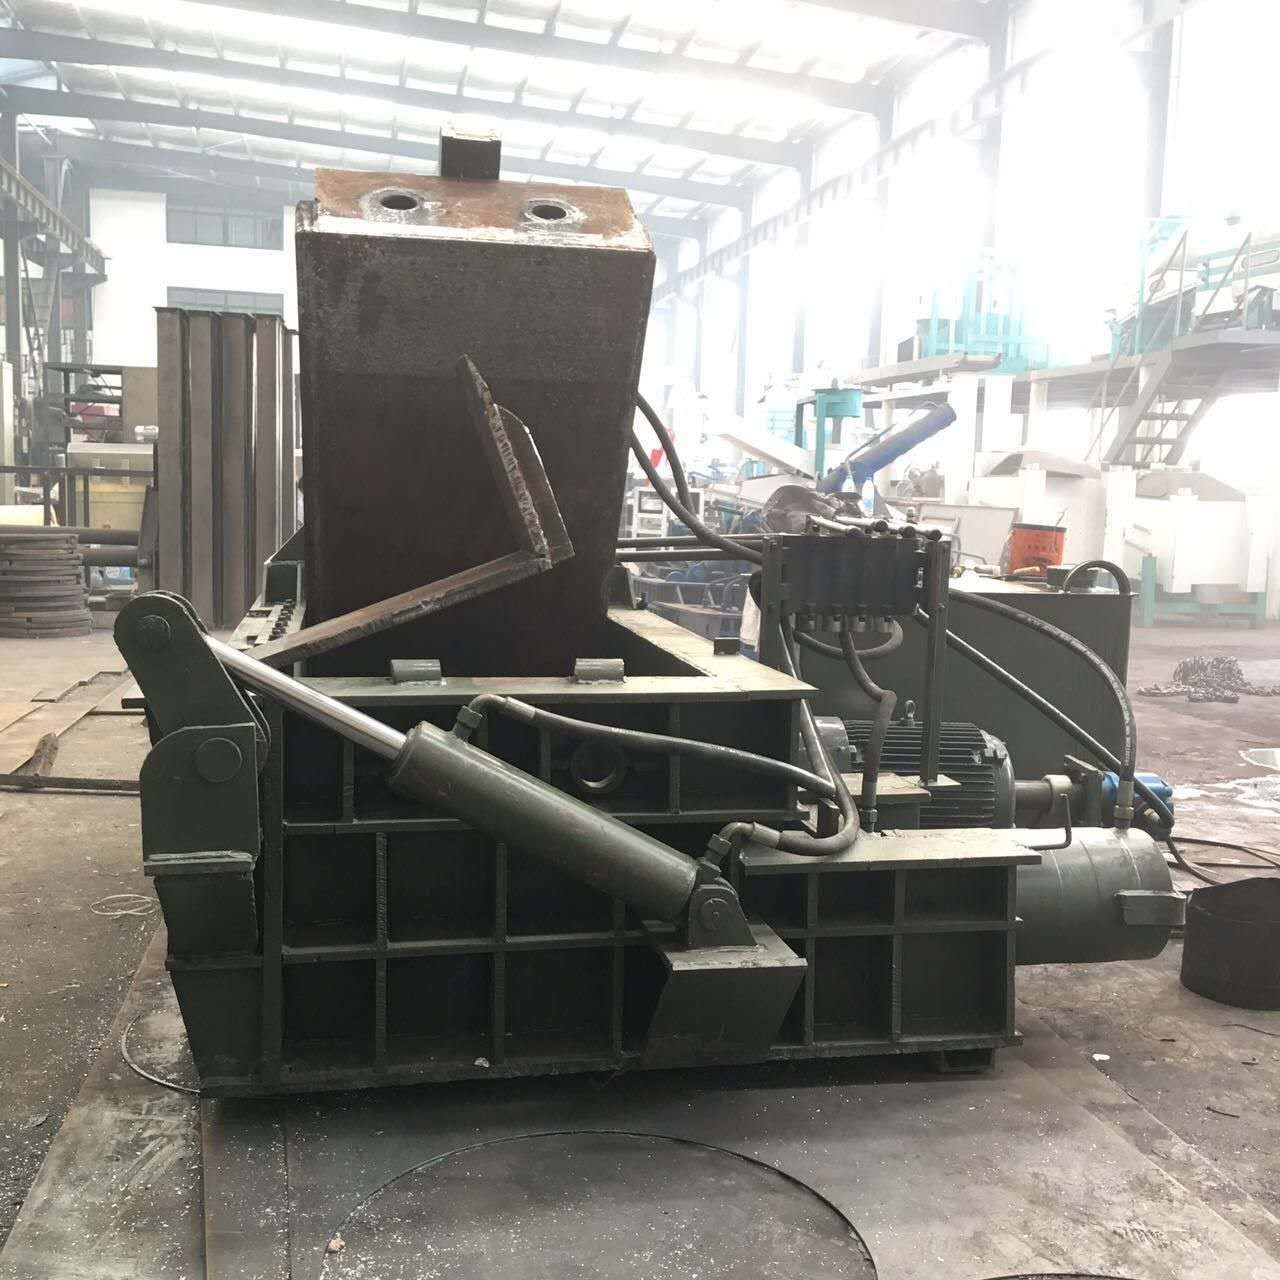 供应攀奇牌废铁打包机废旧 金属压块机 钢筋头下脚料压块机 易拉罐压块生产厂家示例图2